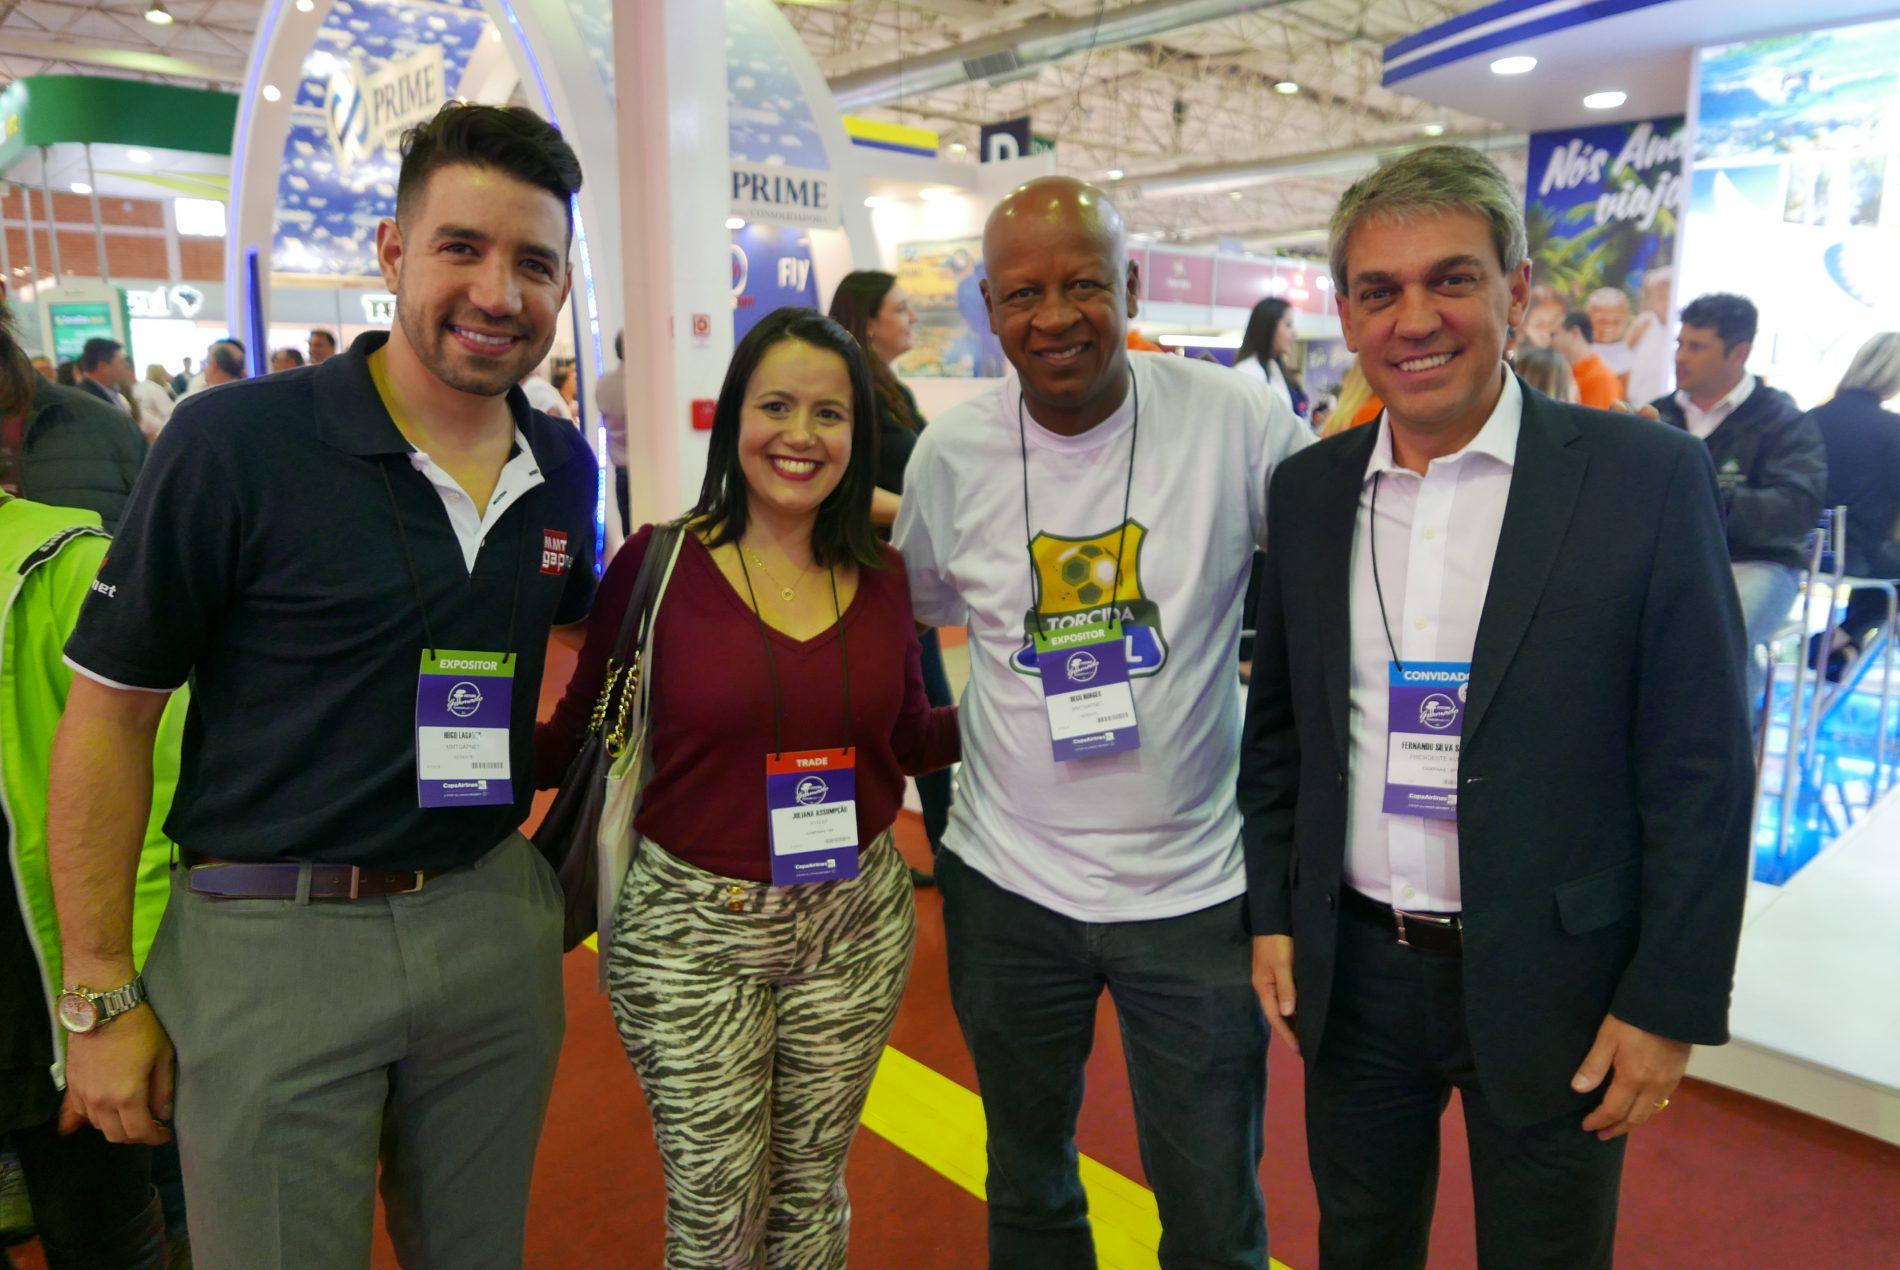 Hugo Lagares, da MMTGapnet; Juliana Assumpção, da Aviesp, Deco Borges, da MMTGapnet, e Fernando Santos, presidente da Associação das Agências de Viagens Independentes do Interior do Estado de São Paulo